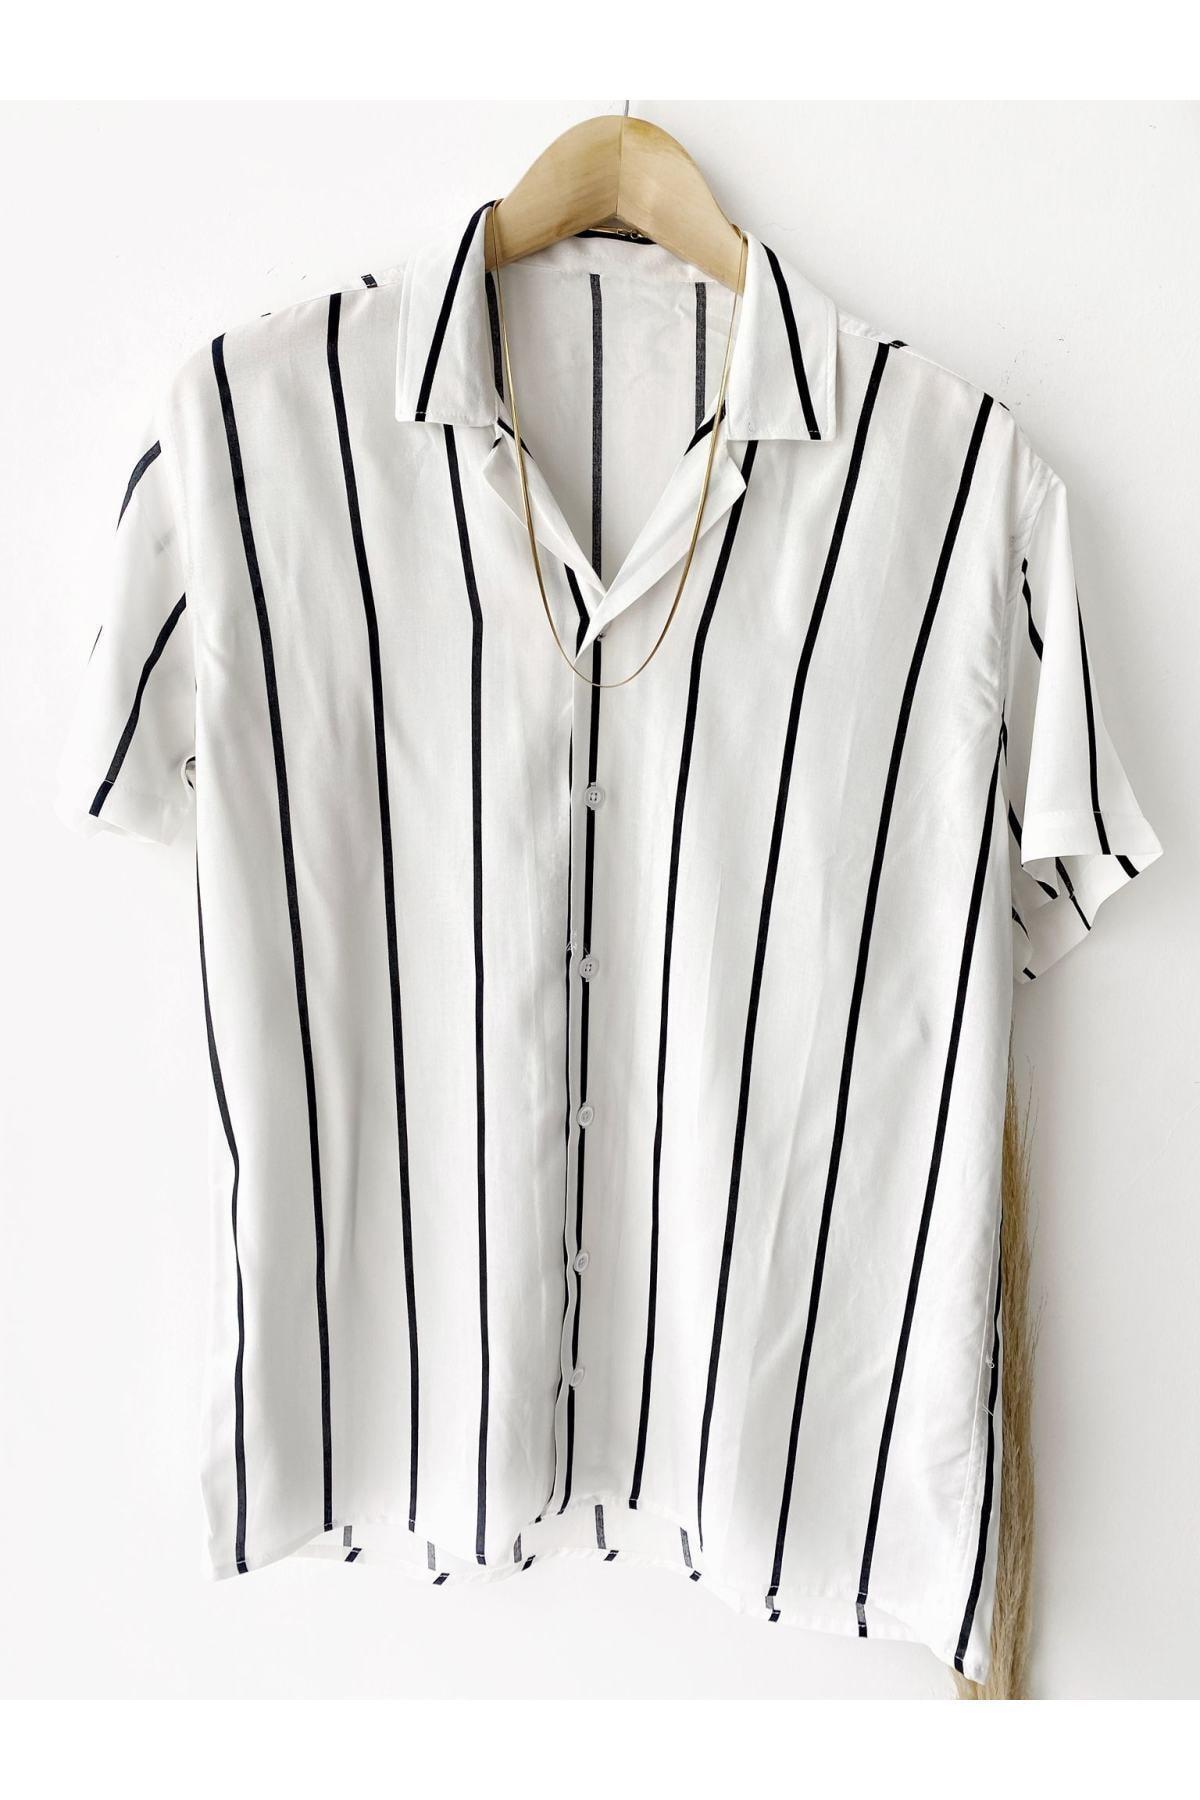 خرید مدل پیراهن کلاسیک مردانه برند Hazhers کد ty113842251